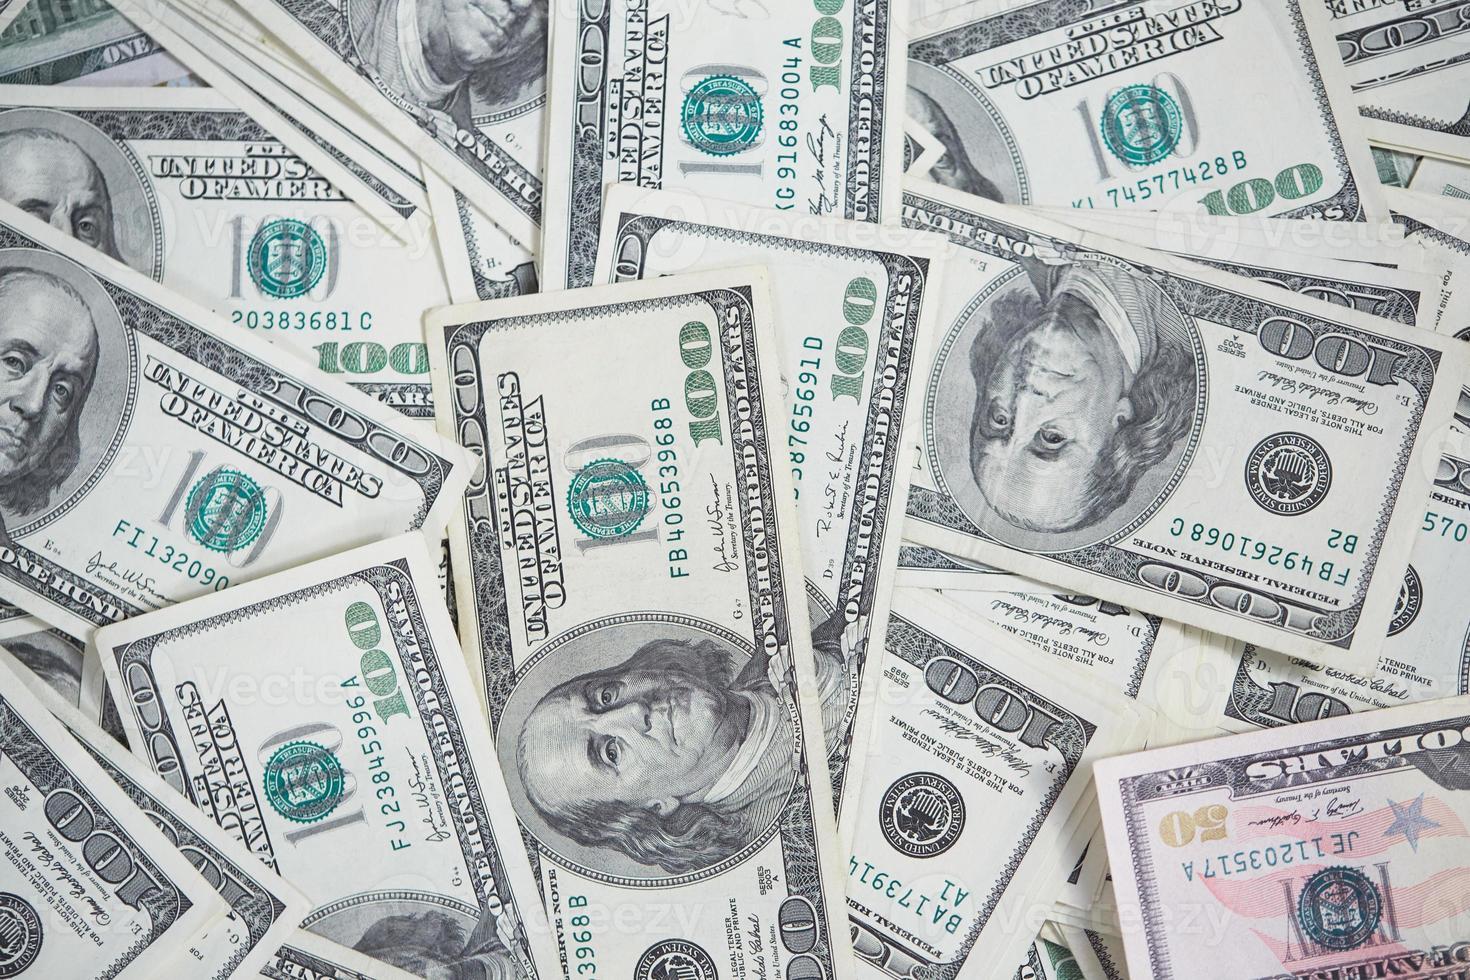 soldi in modo caotico sul pavimento foto